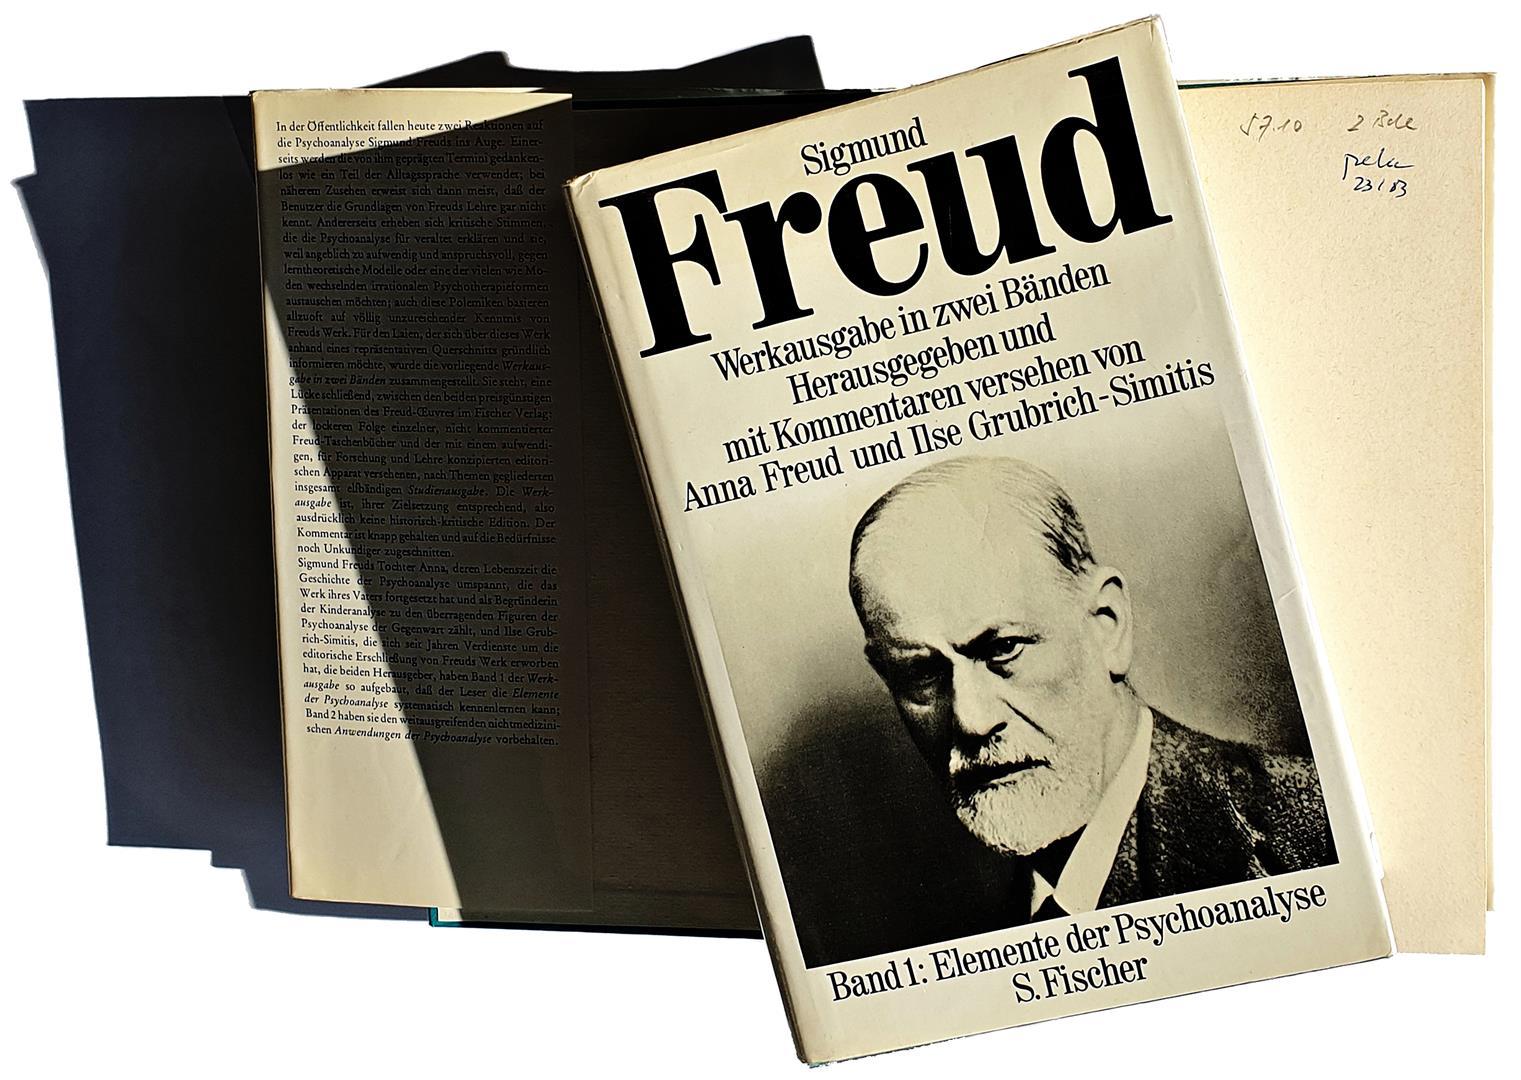 Sigmund Freud - Werkausgabe in zwei Bänden. Herausgegeben und mit Kommentaren versehen von Anna Freud und Ilse Grubrich-Simitis. S. Fischer, Frankfurt am Main, 1978.